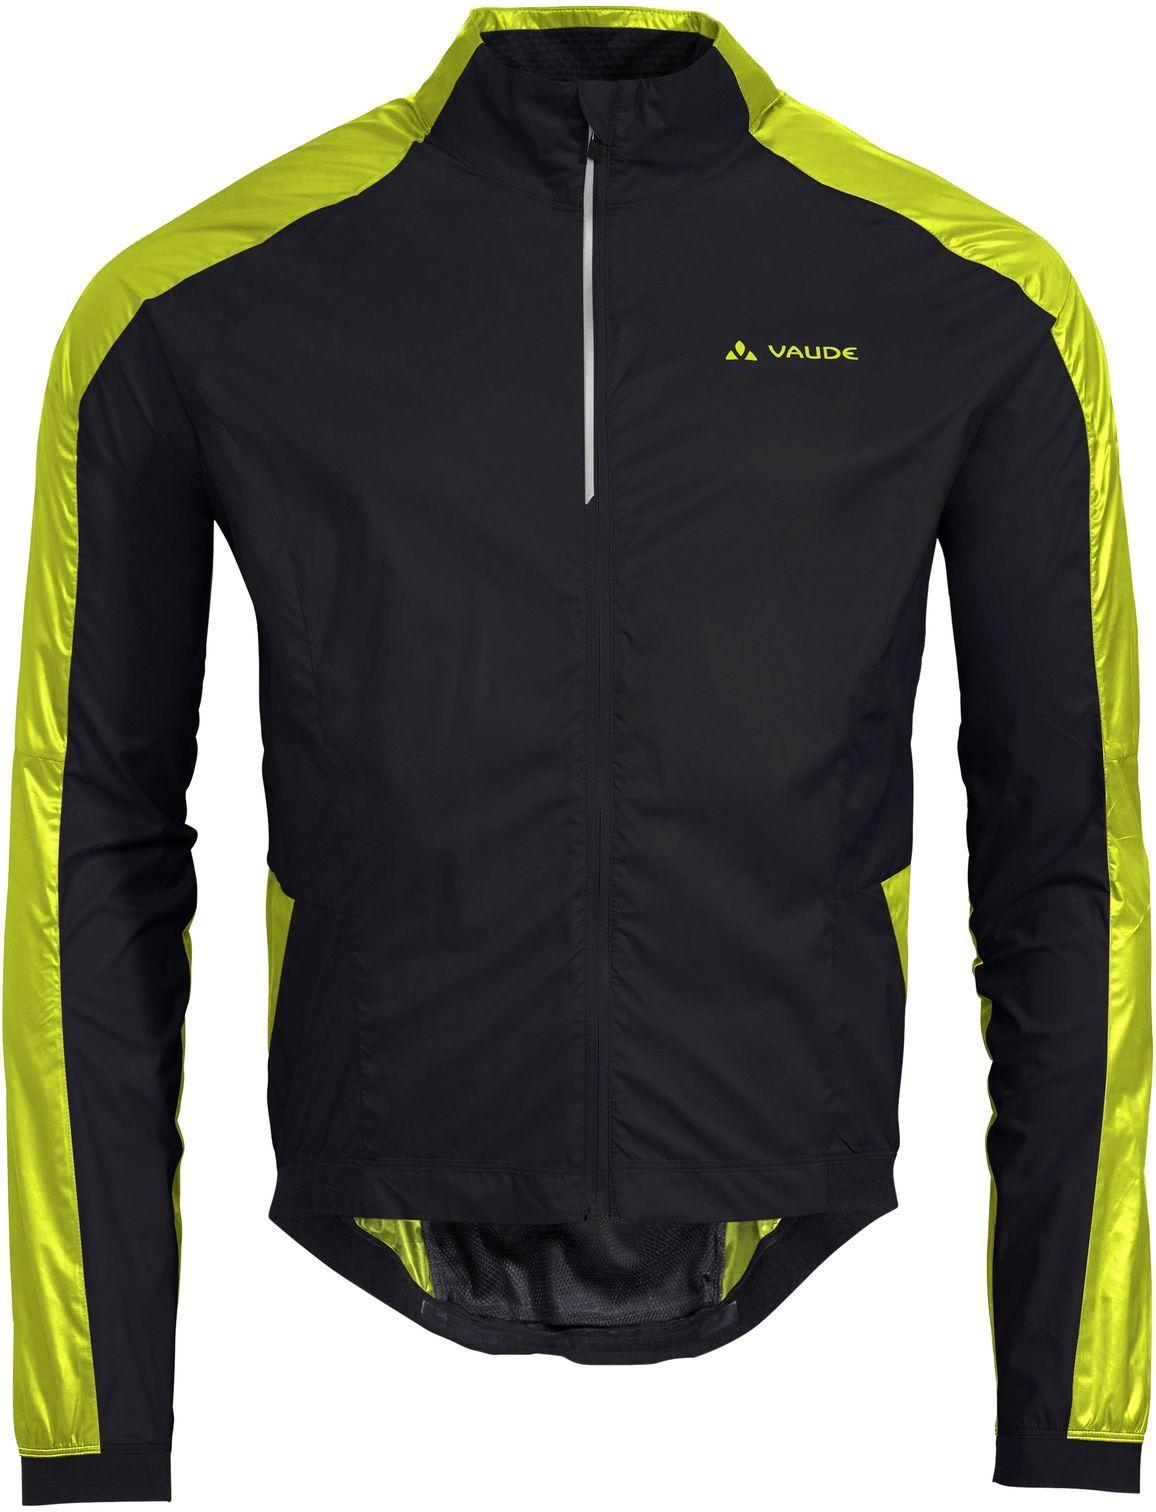 Vaude Men's Air Pro Jacket - black M